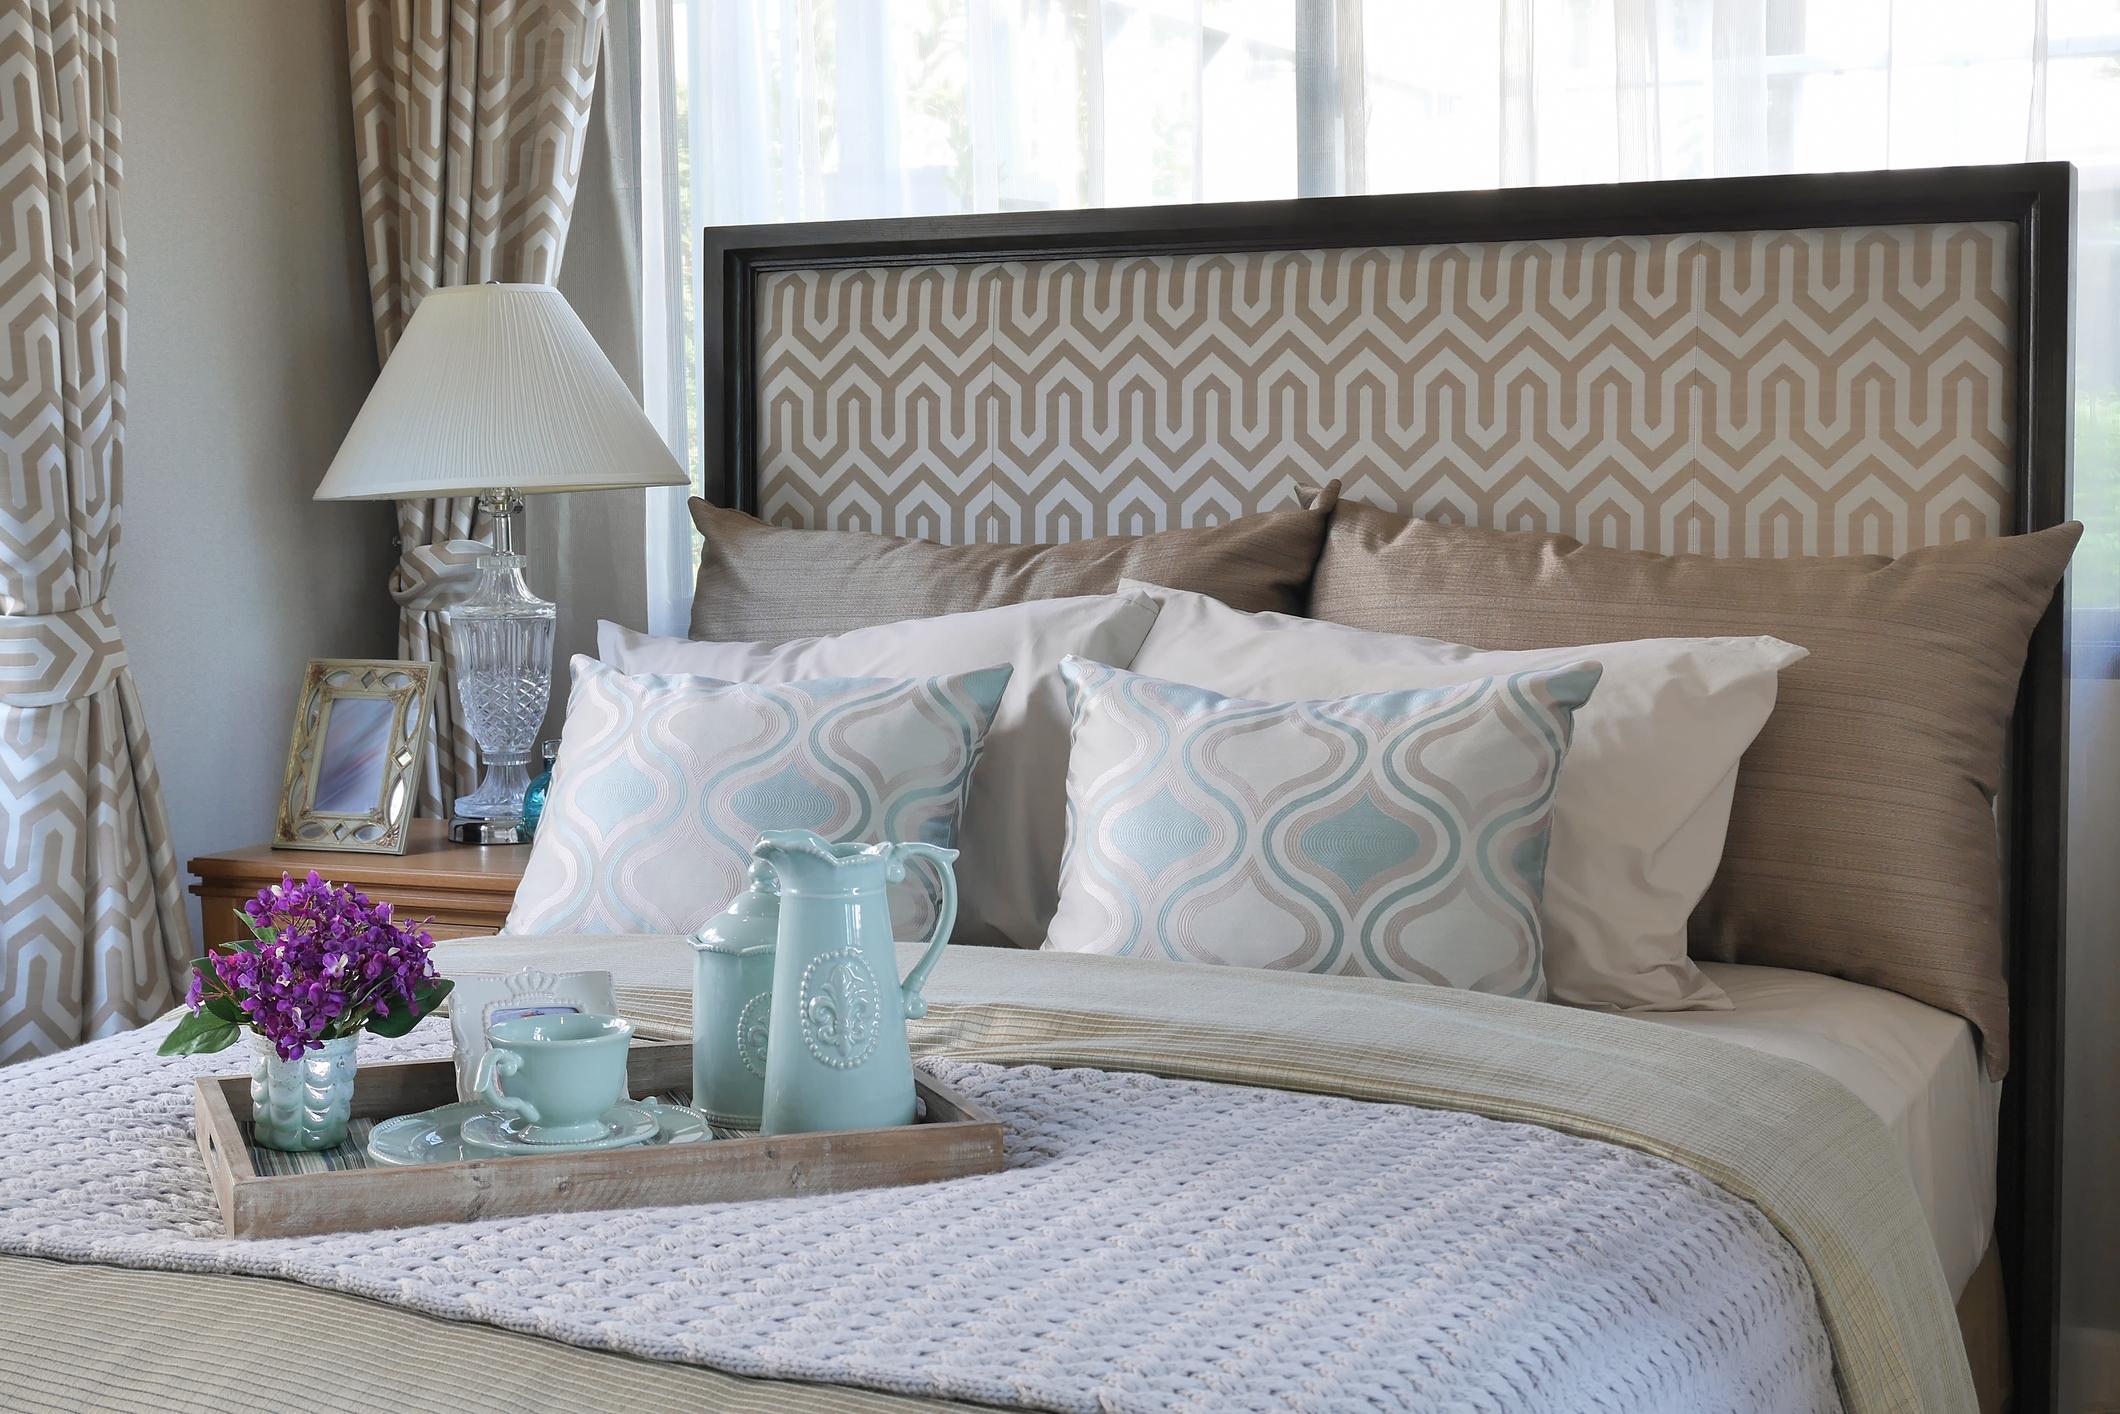 Изберете цвят за спалнята, който ще ви носи спокойствие. Обсъдете възможностите заедно и направете лекото освежаване на стаята двамата. Цветът е от особено значение и не трябва да се подценява.